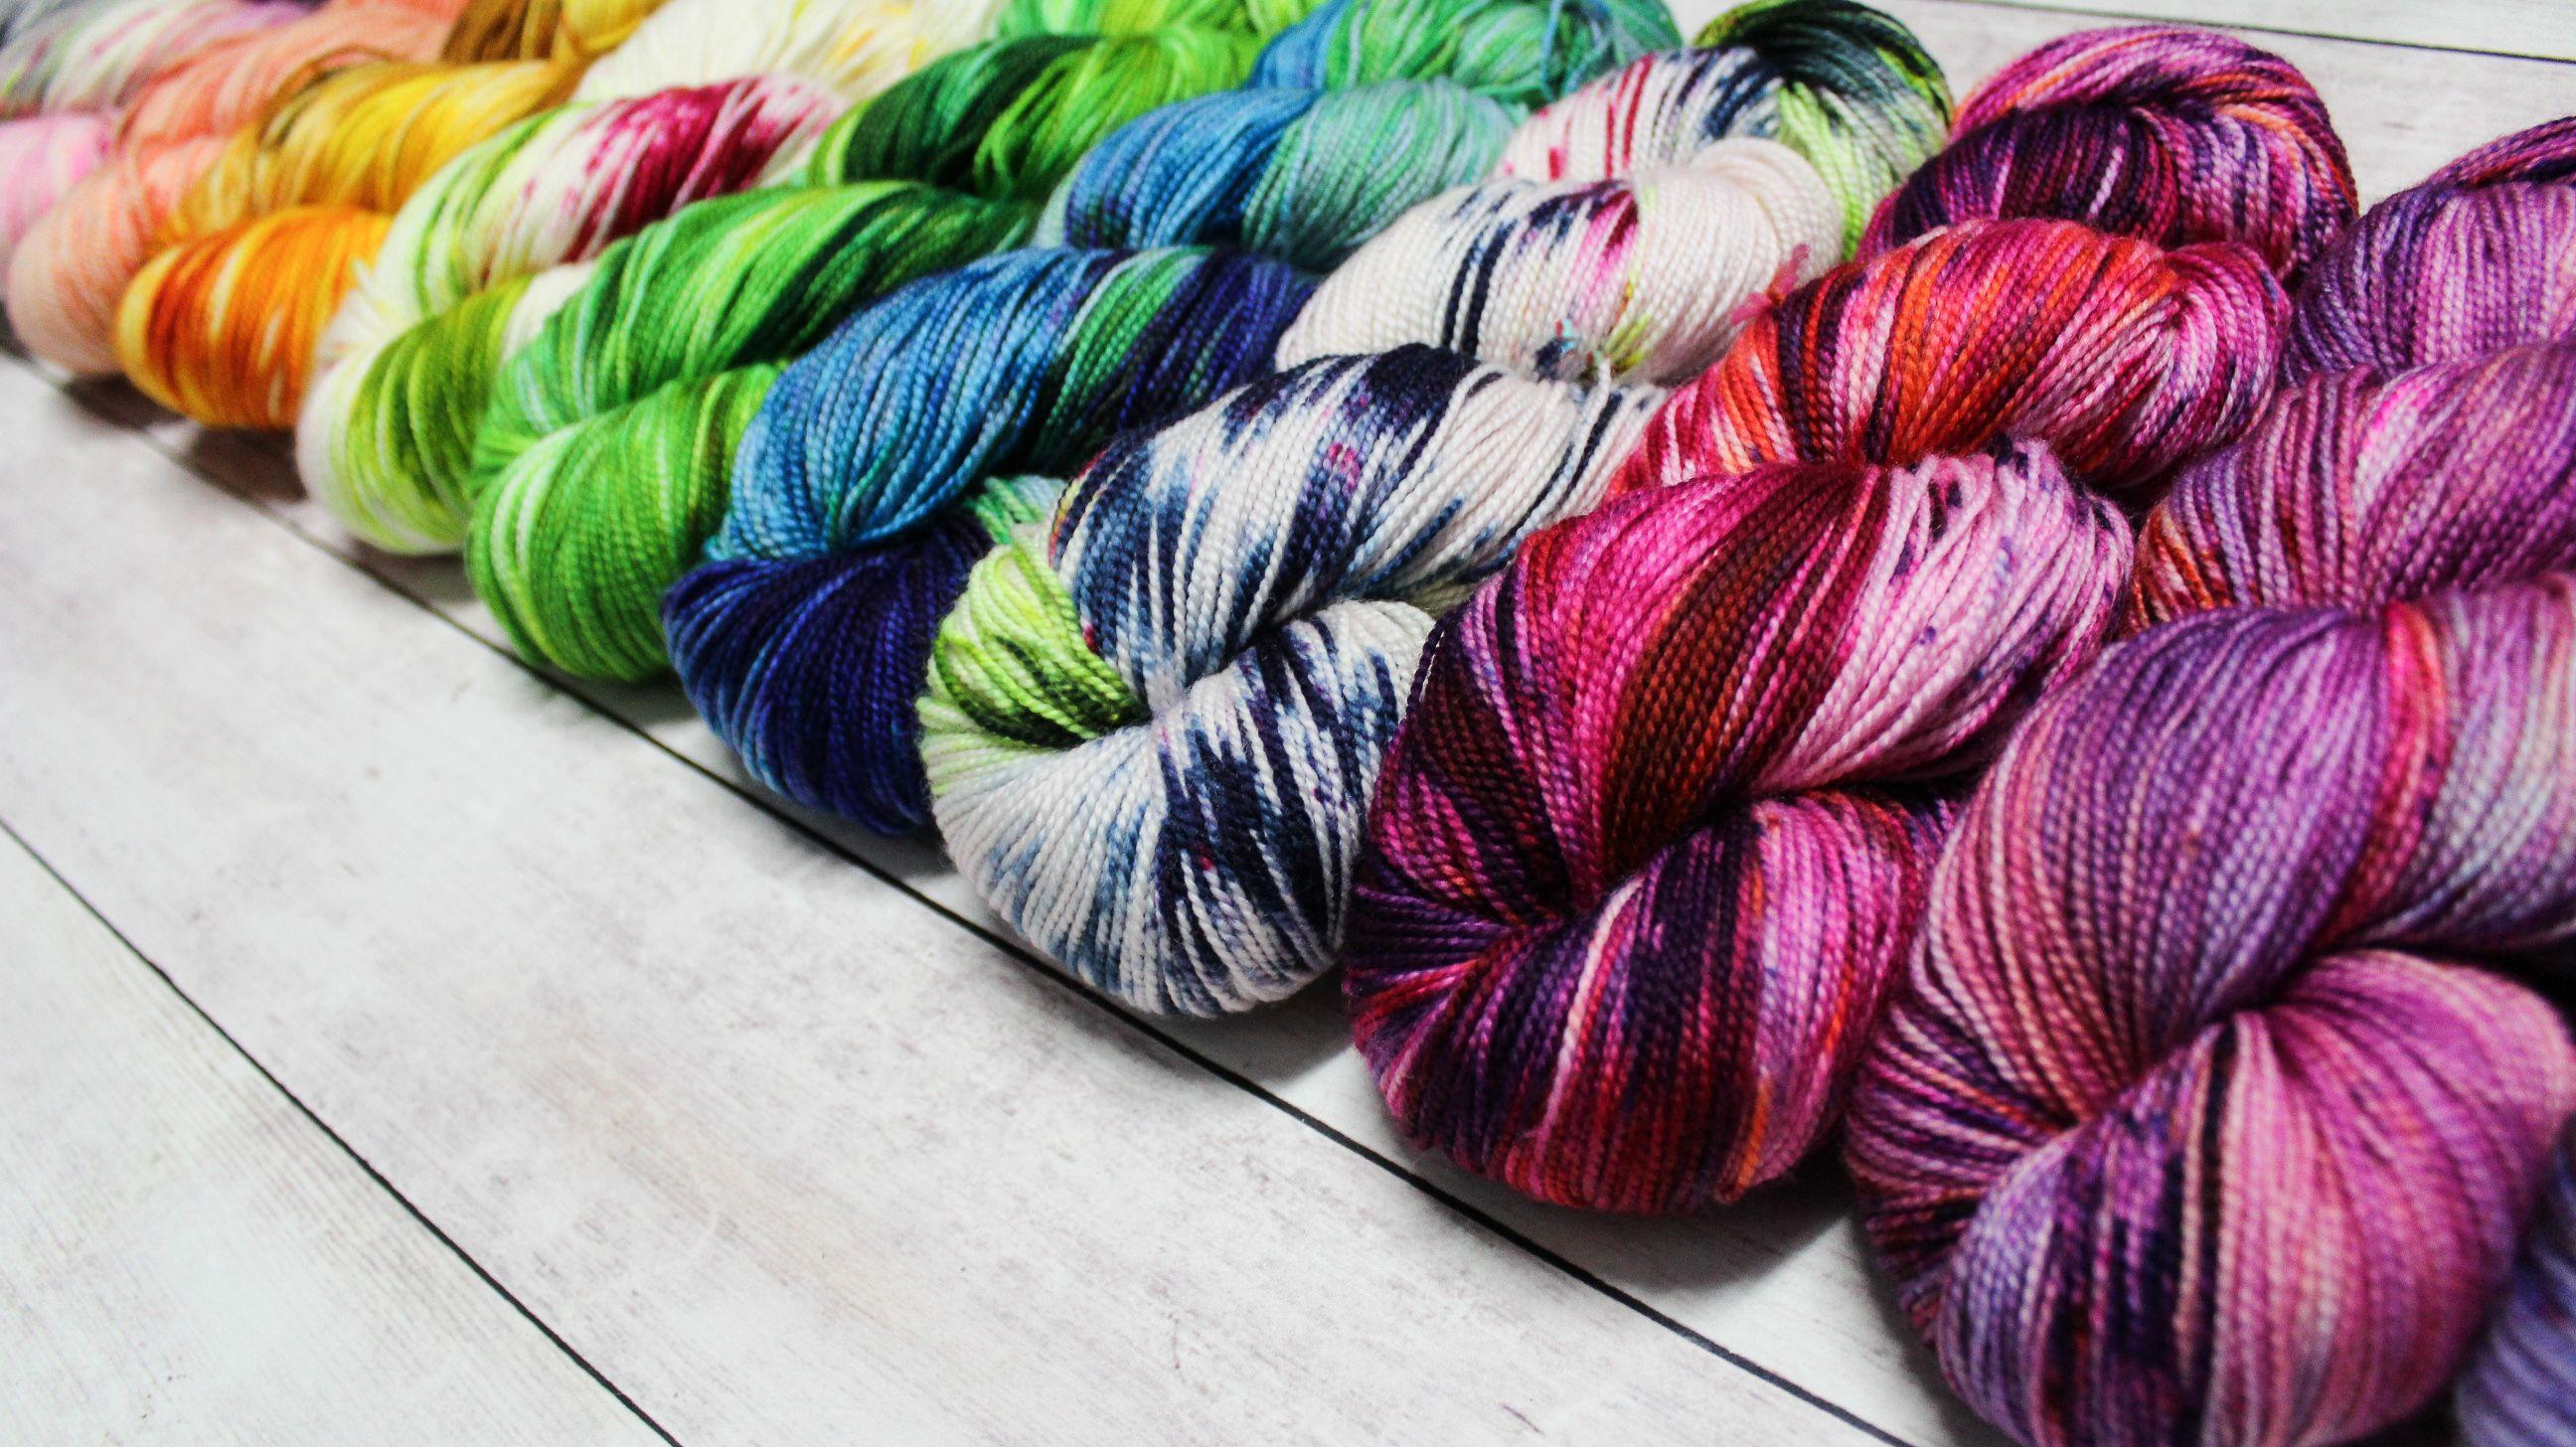 Baah 30/% Off! La Jolla yarn